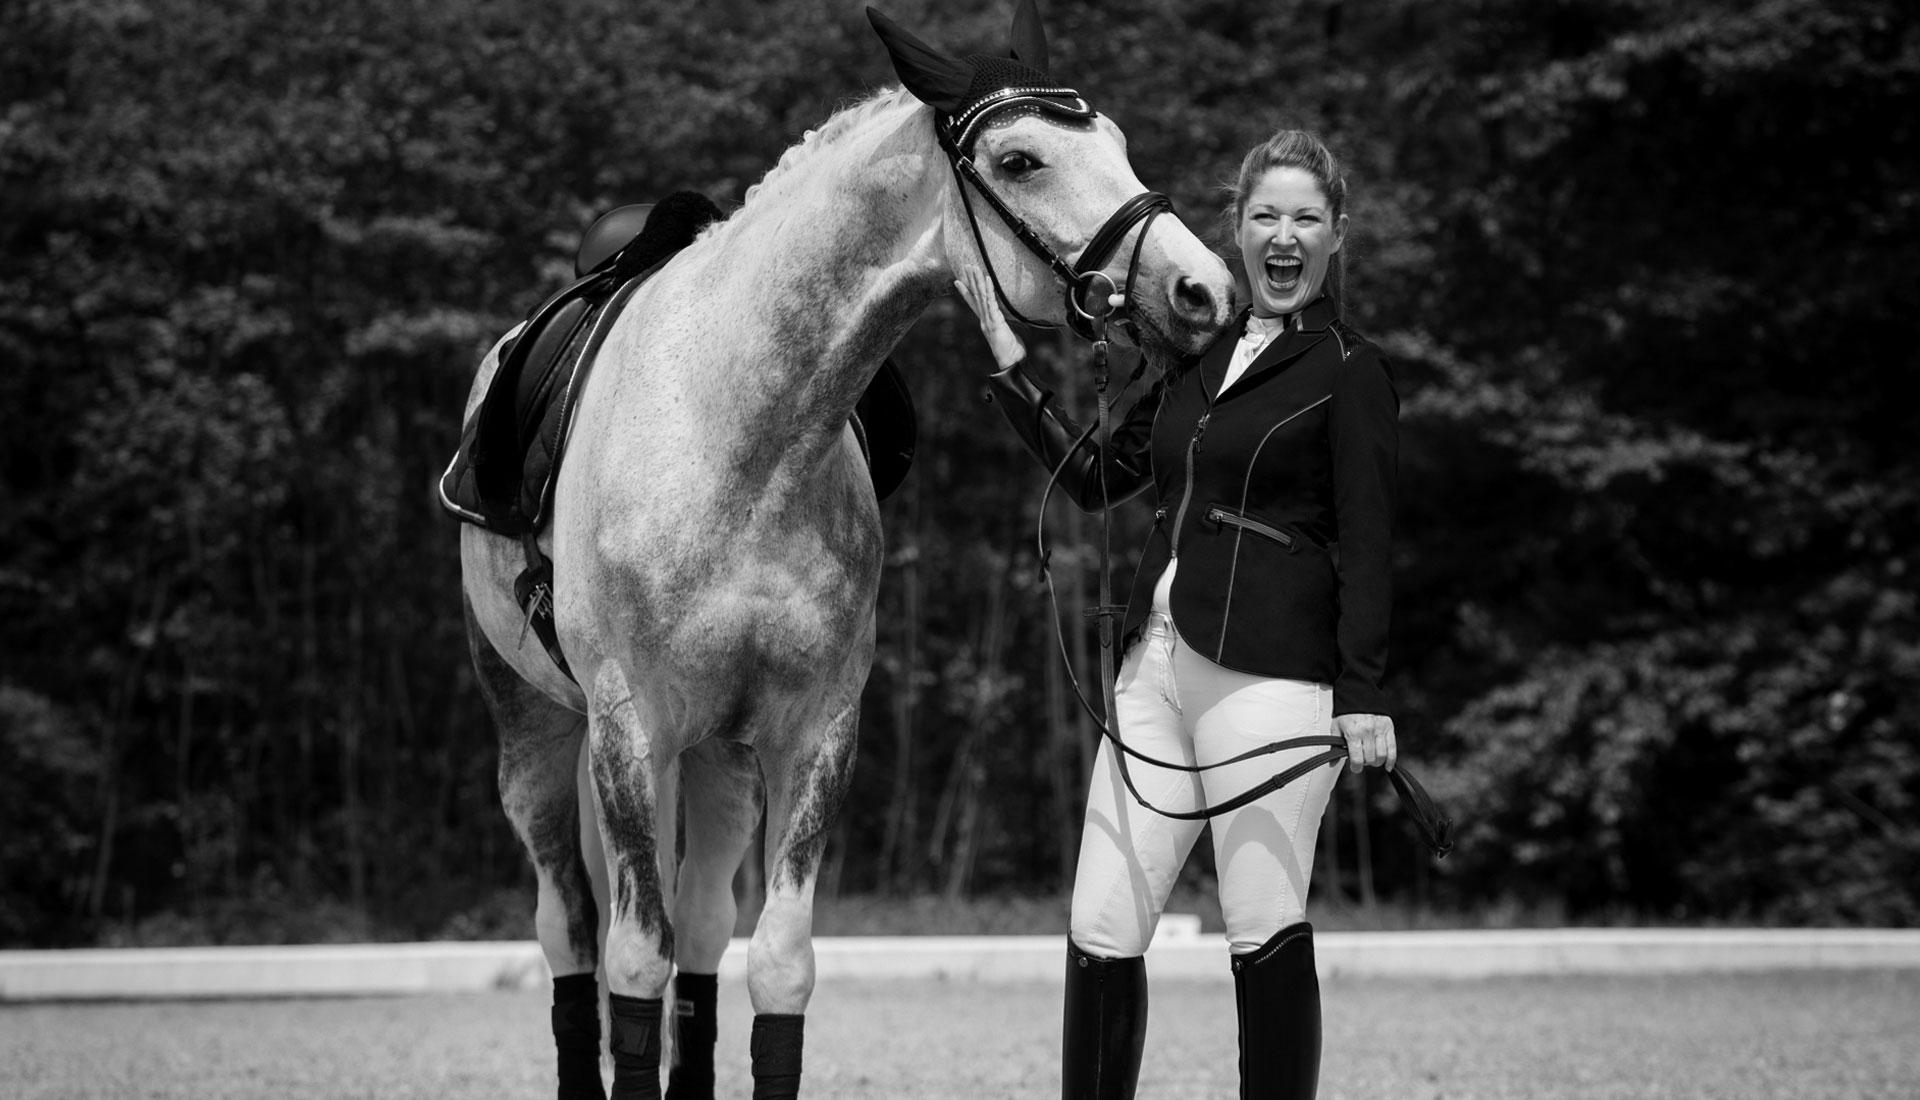 Glückliche Frau mit Tunrnieroutfit und schönem Pferd am lachen